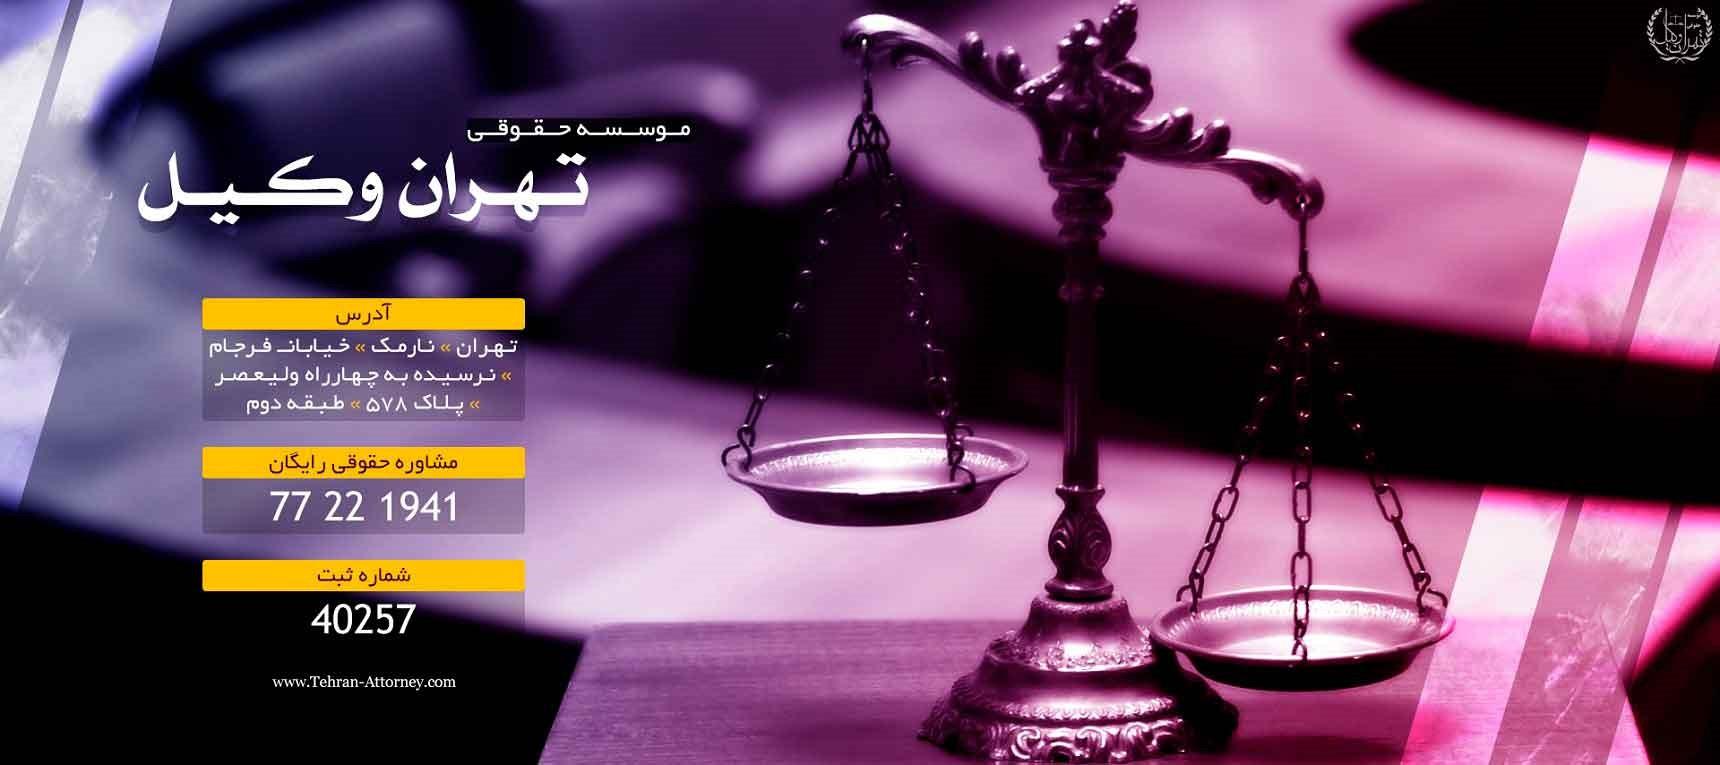 چرا قبل از اقدام حقوقی باید به وکیل مراجعه کنیم